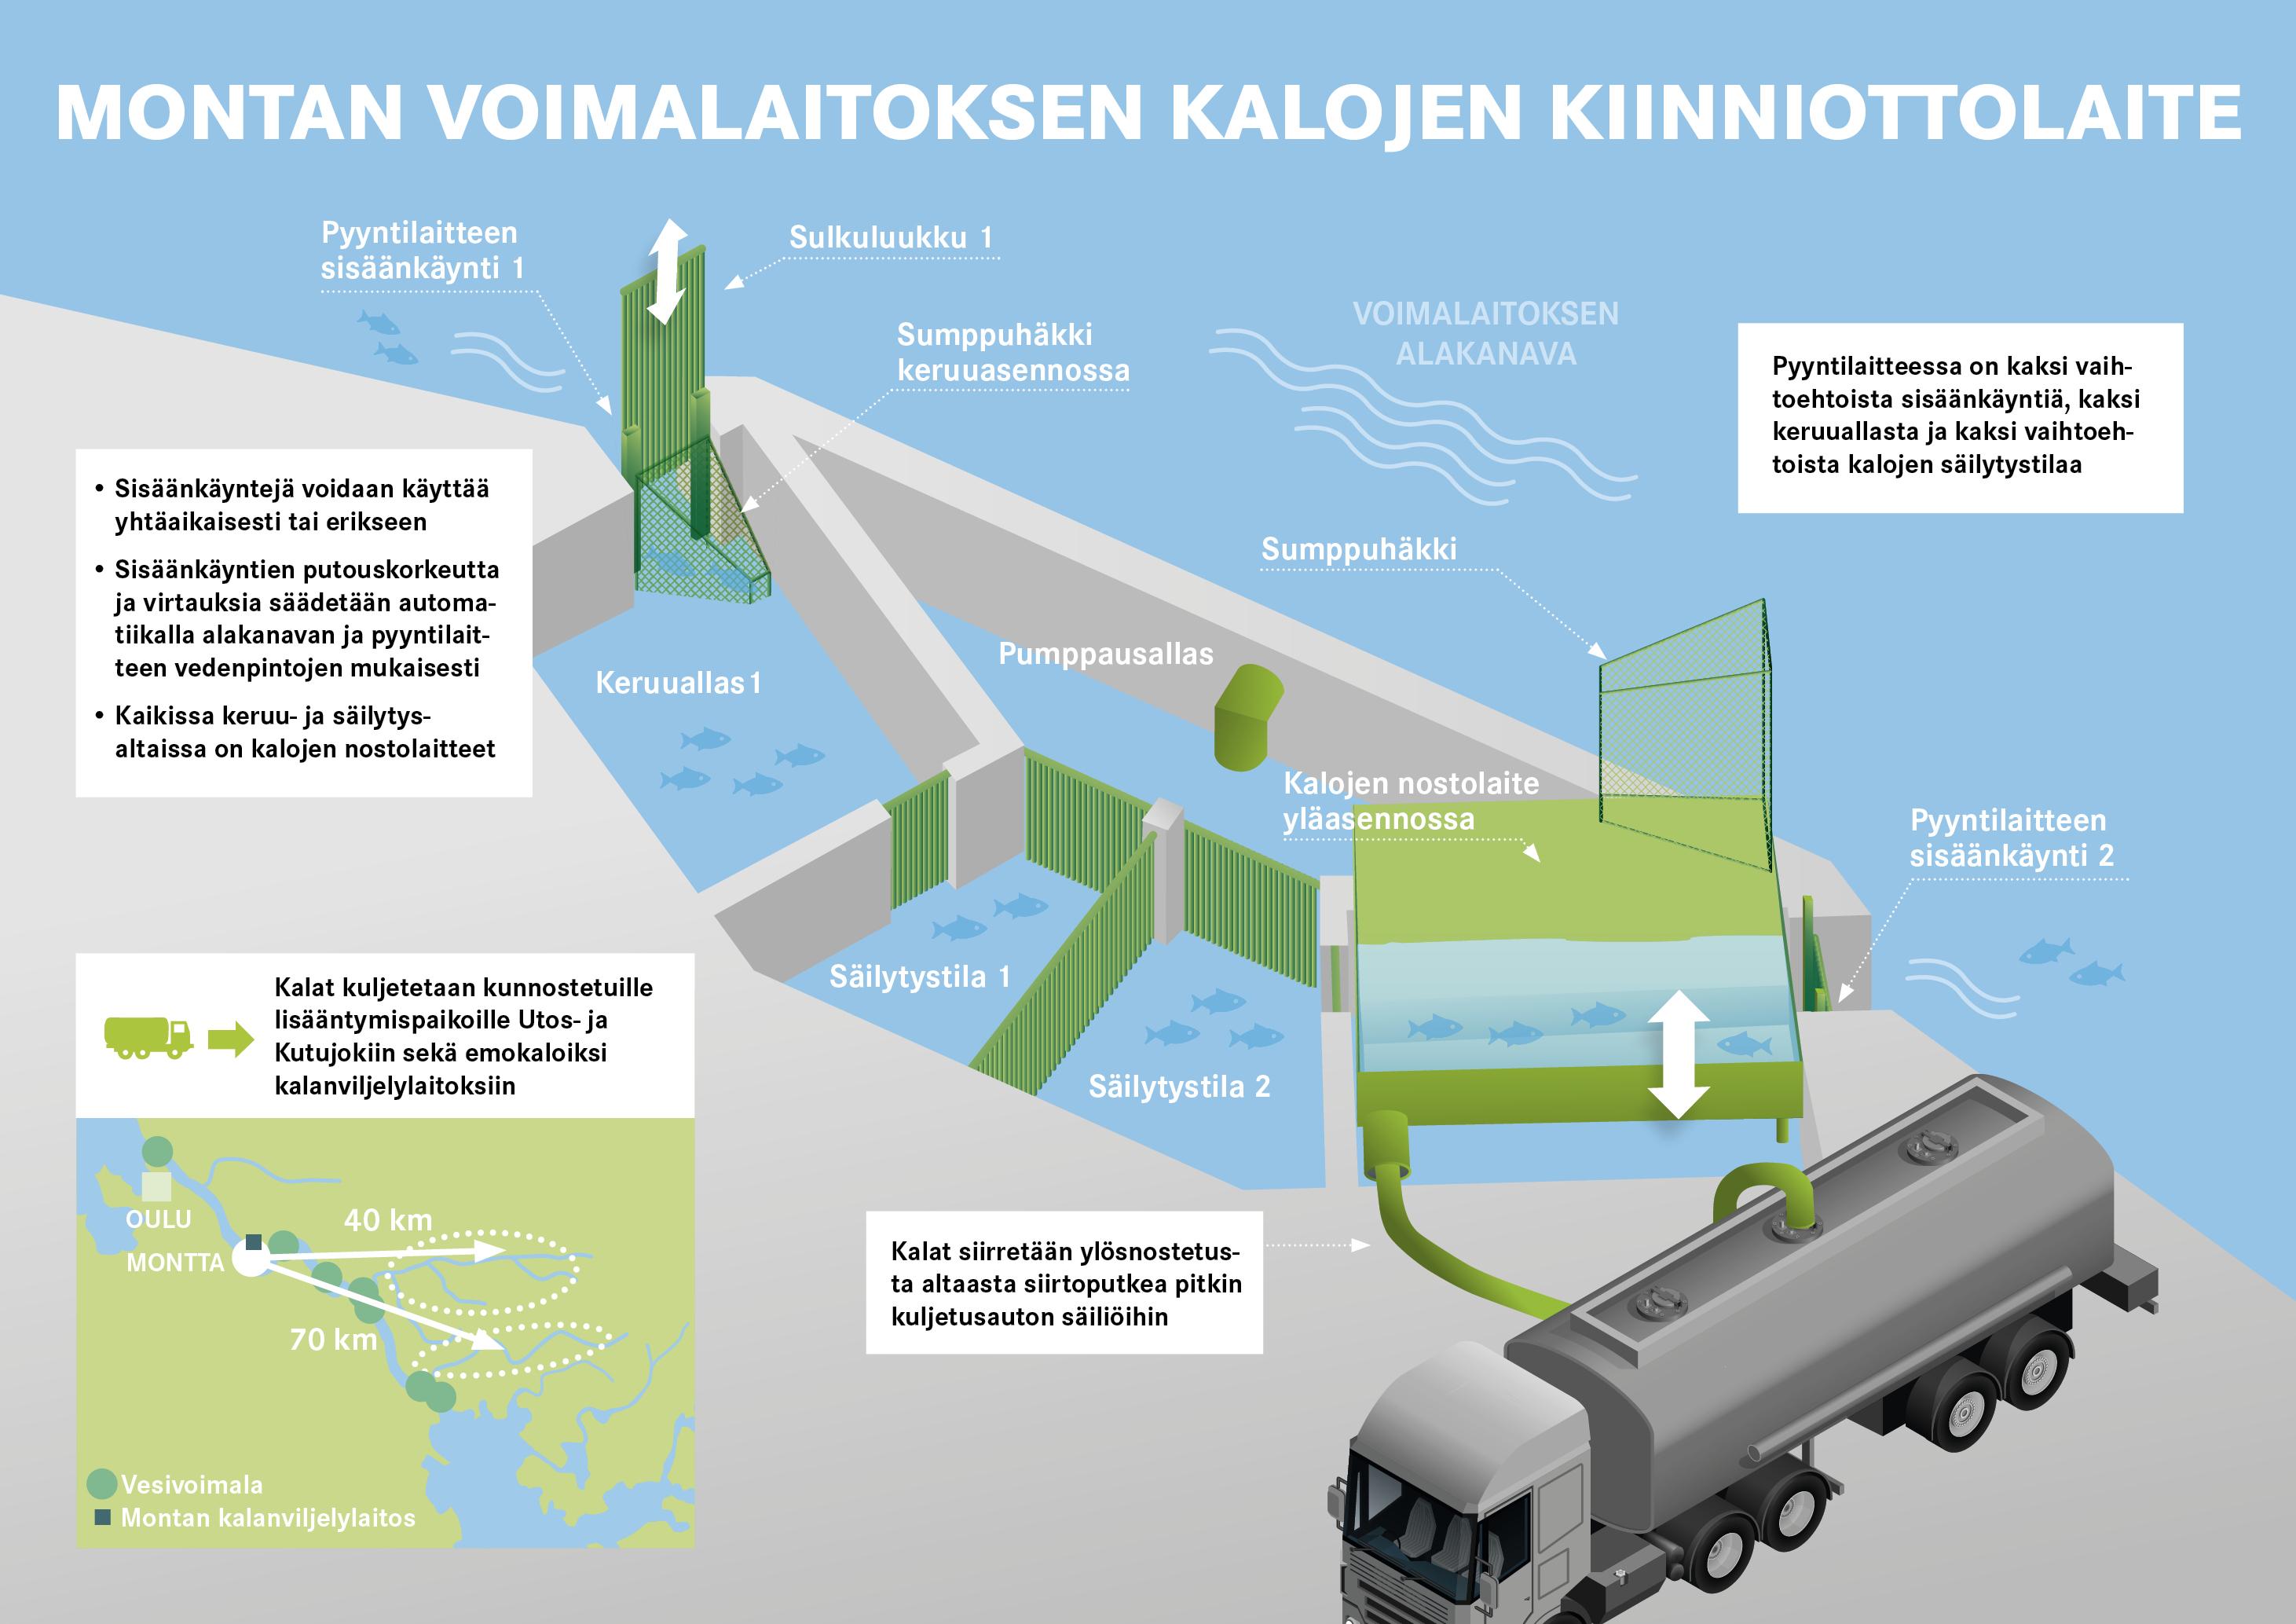 Montan vesiloimalaitos, ylisiirtolaitteen toimintaperiaate